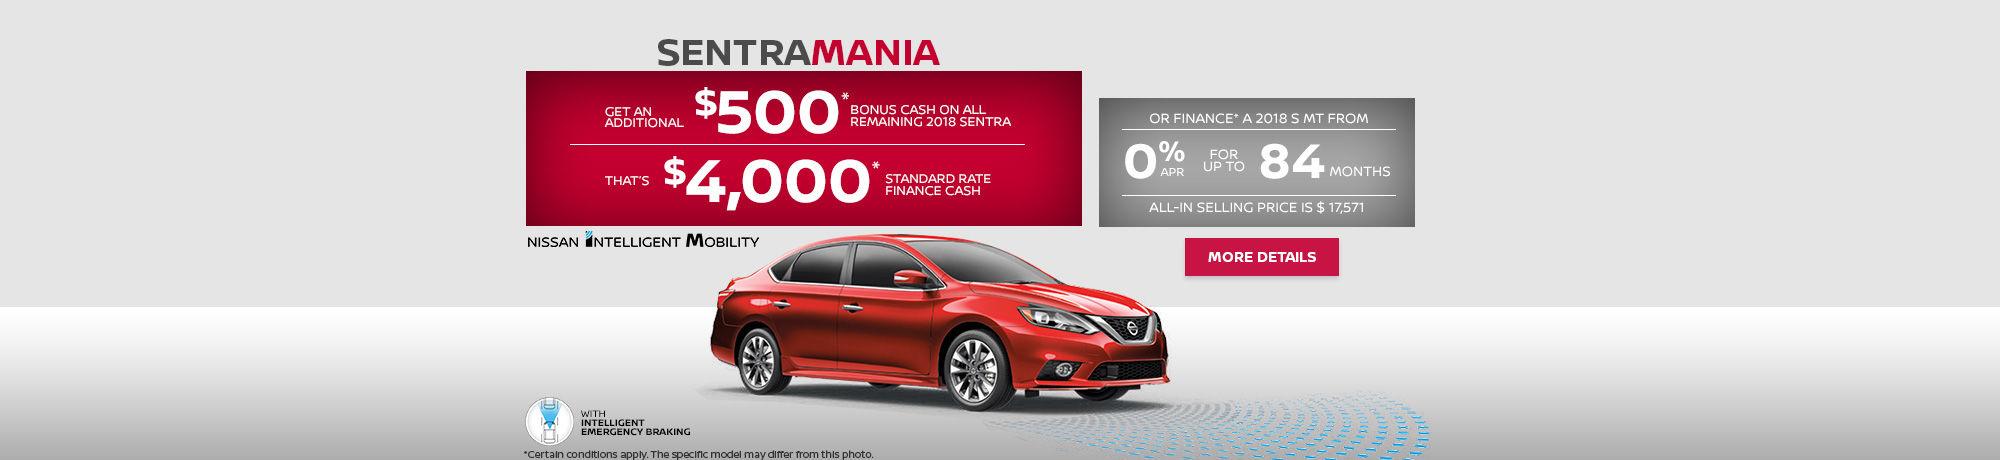 Nissan Sentra Mania - header - desk